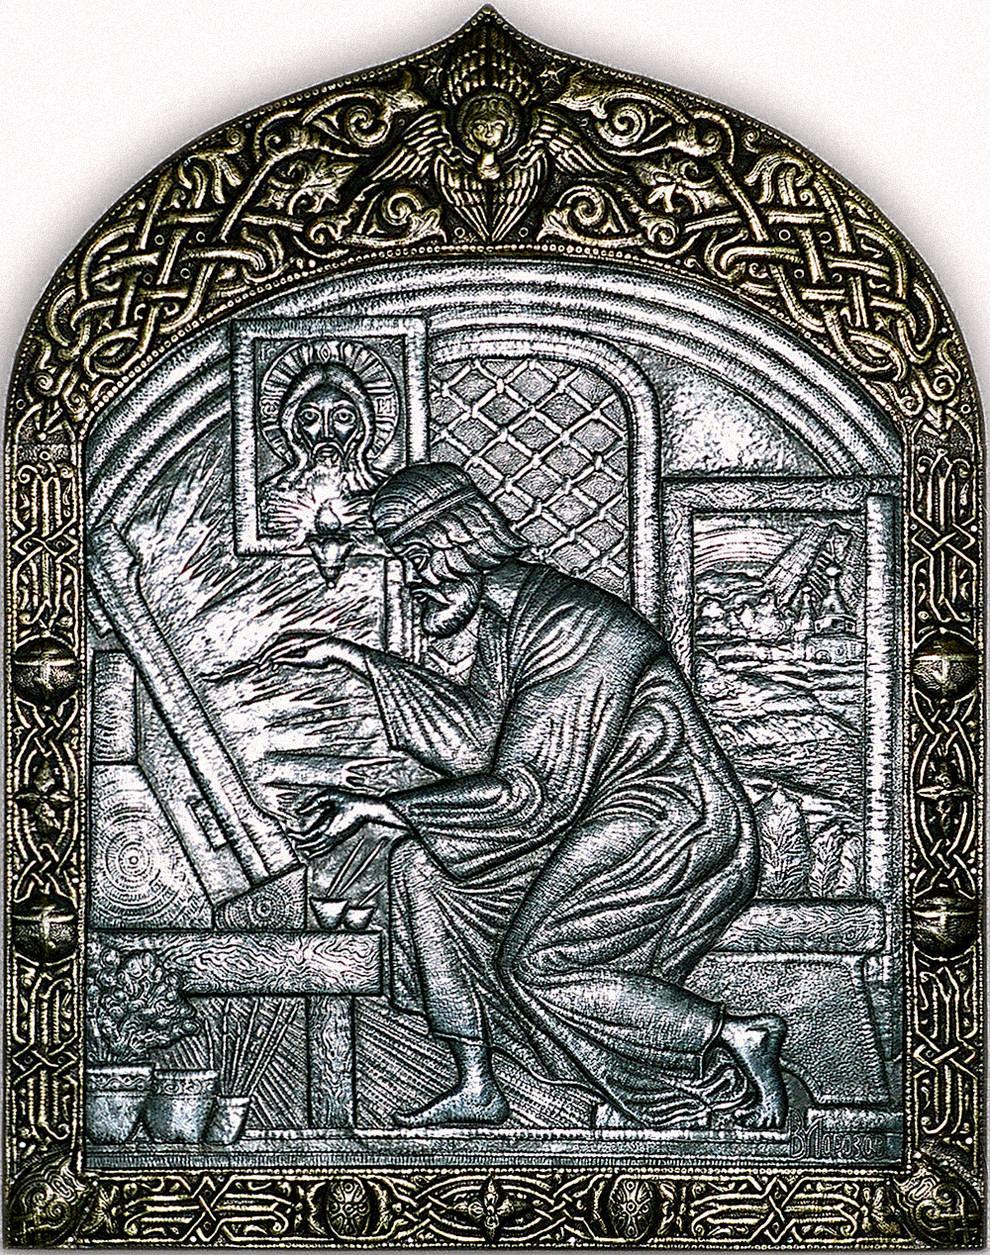 """Андрей Рублев (панно из триптиха """"Свет Троицы"""")  2002 г. Алюминий, латунь; чернение 84 х 65 см"""